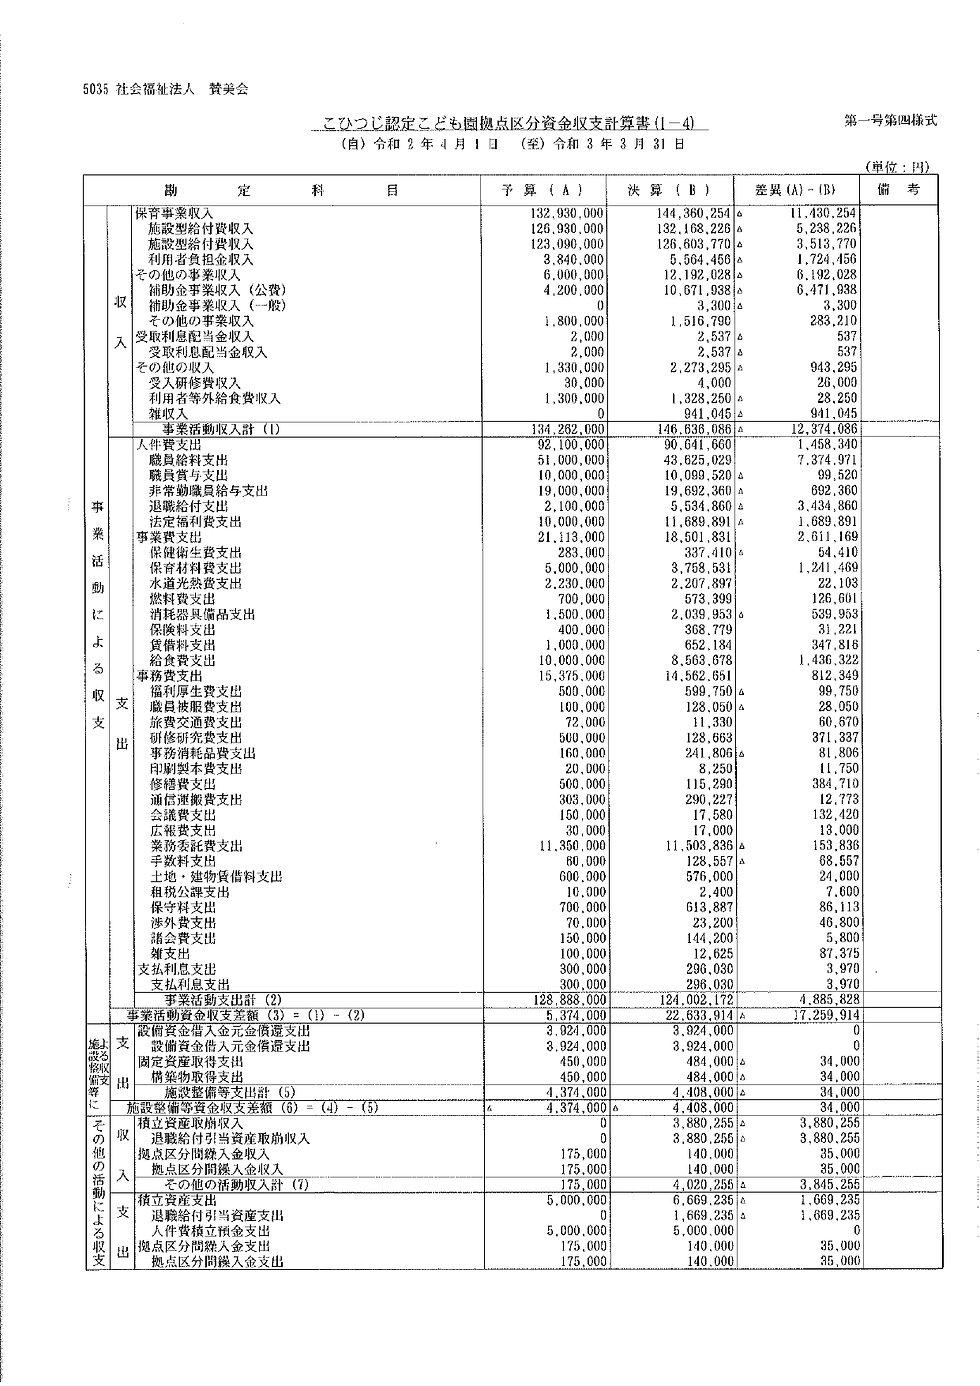 決算報告_page-0001.jpg